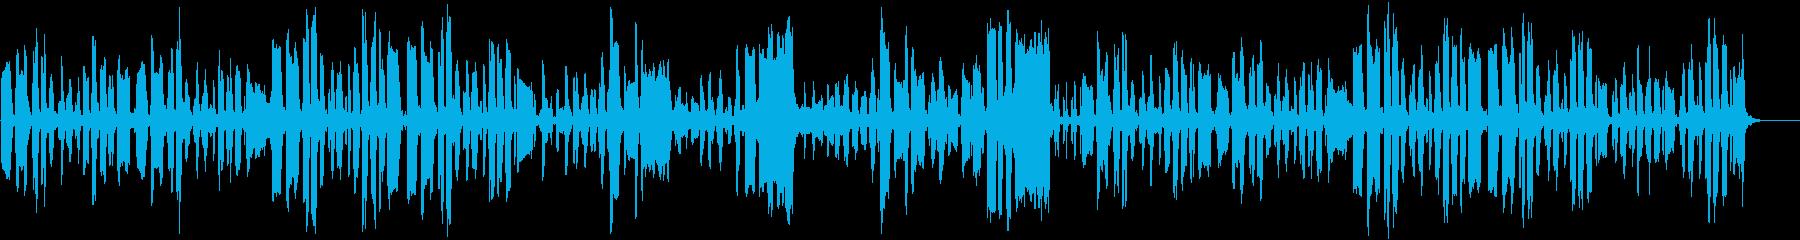 リコーダーの日常のんびり曲の再生済みの波形